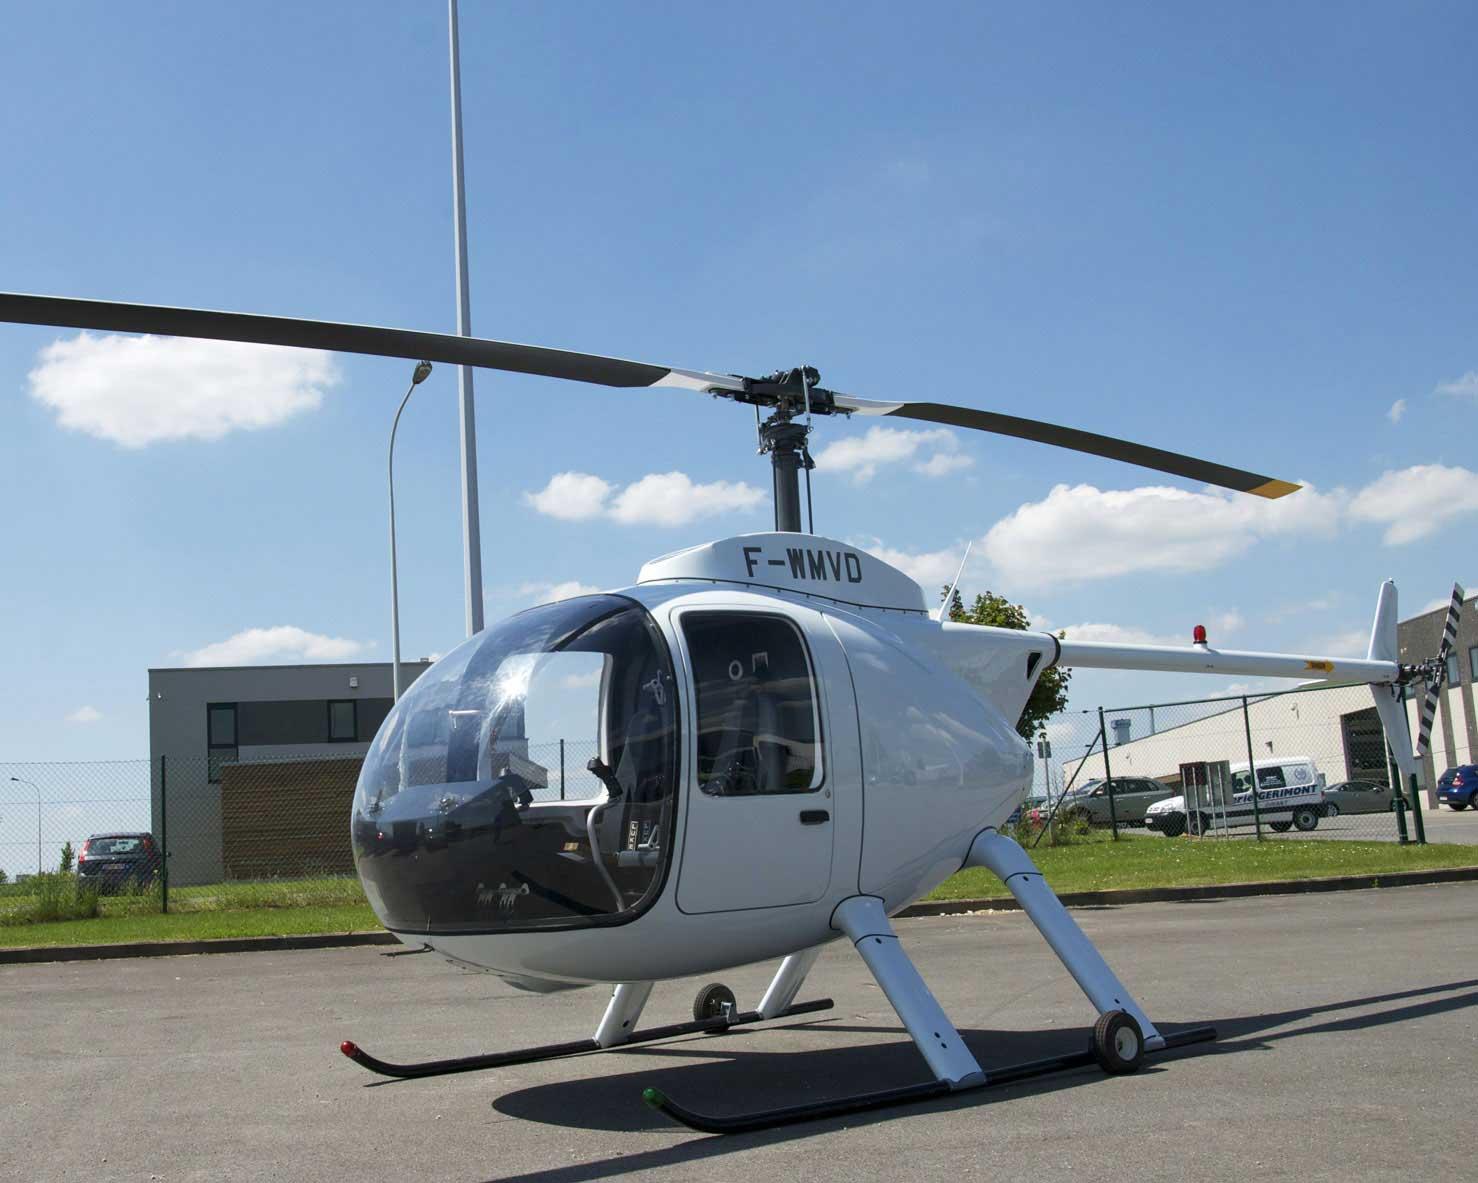 p2 - Горнолыжные курорты Франции: сколько стоит долететь туда на вертолете